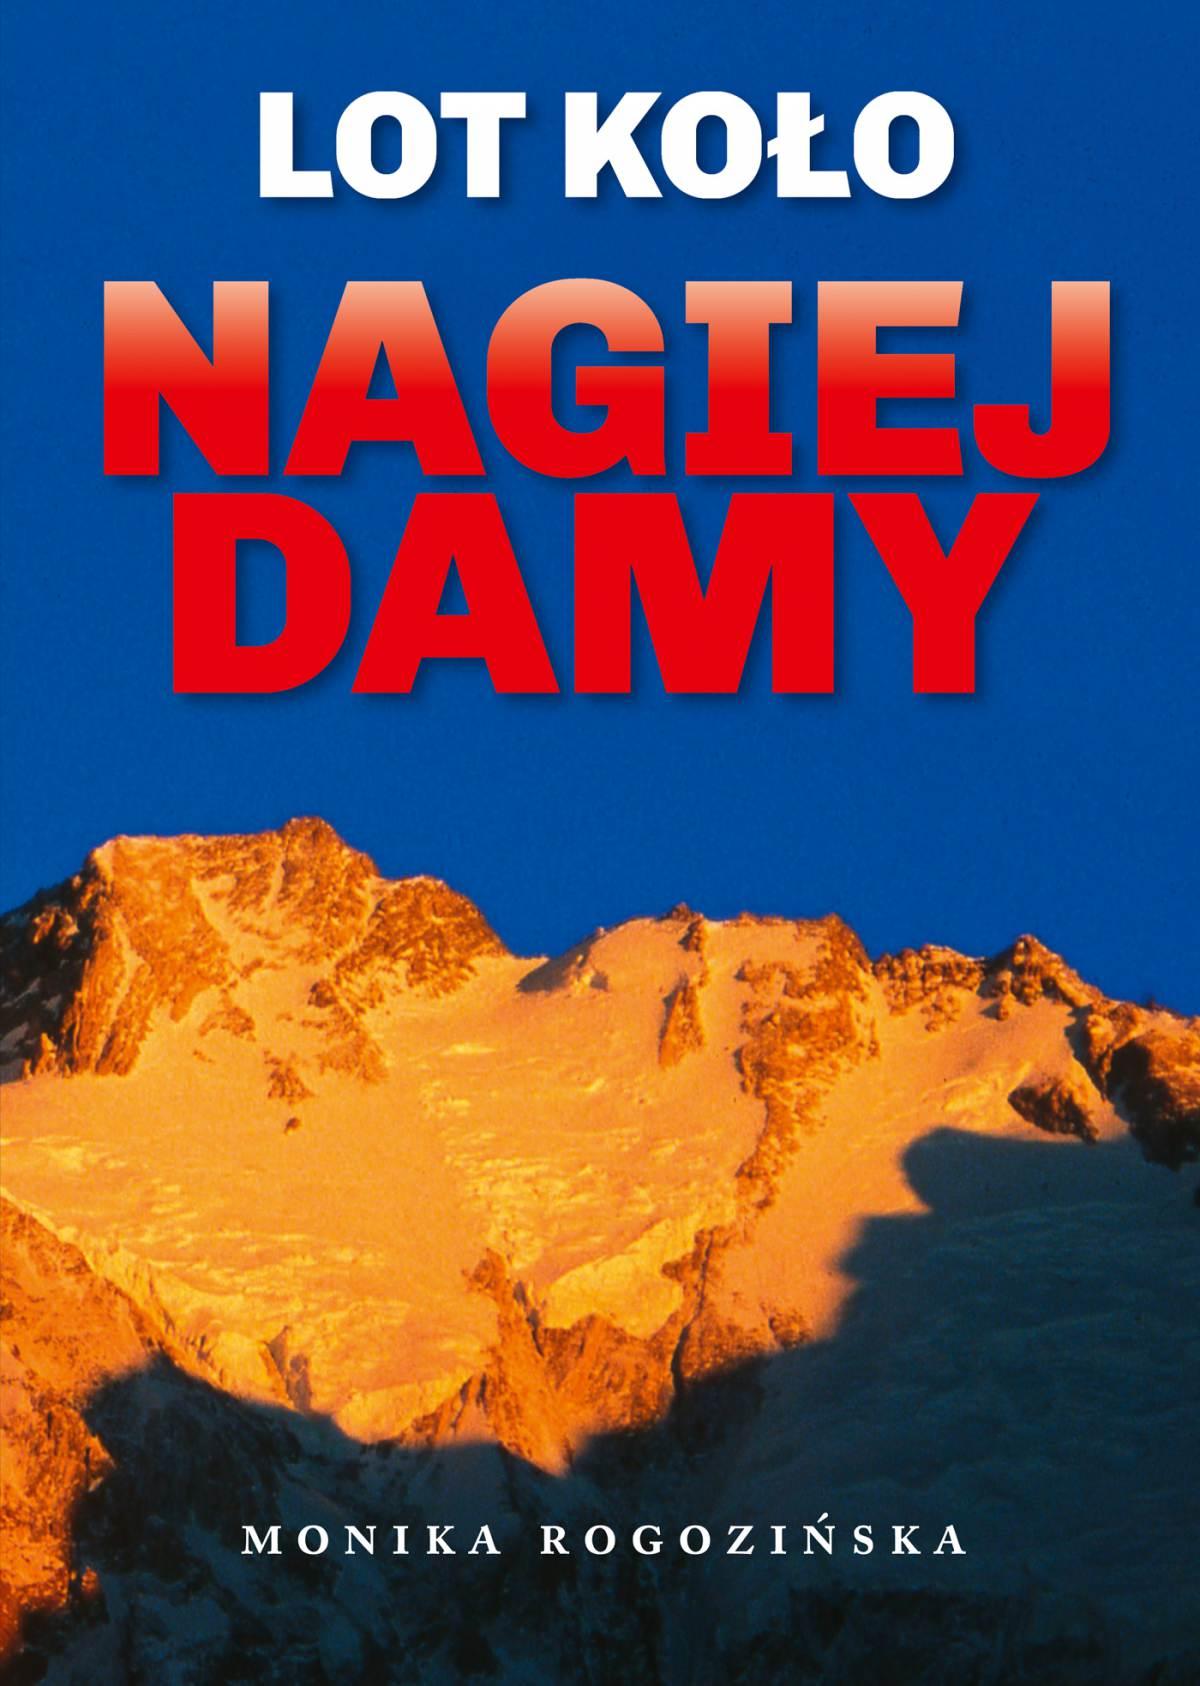 Lot koło Nagiej Damy - Ebook (Książka EPUB) do pobrania w formacie EPUB